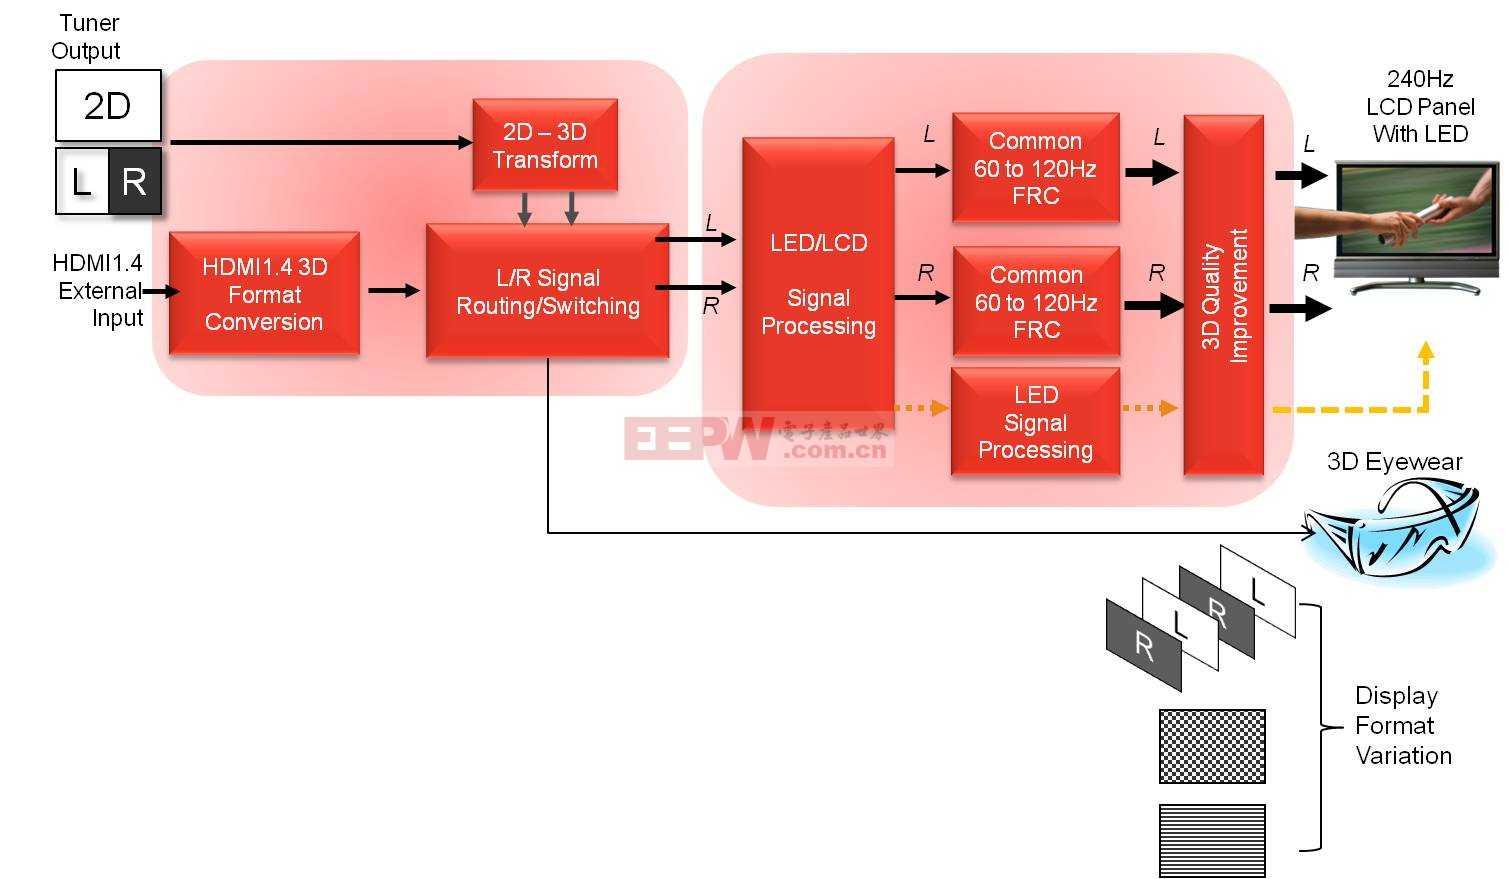 基于XiLinx Spartan-6 FPGA系列的数字显示器解决方案